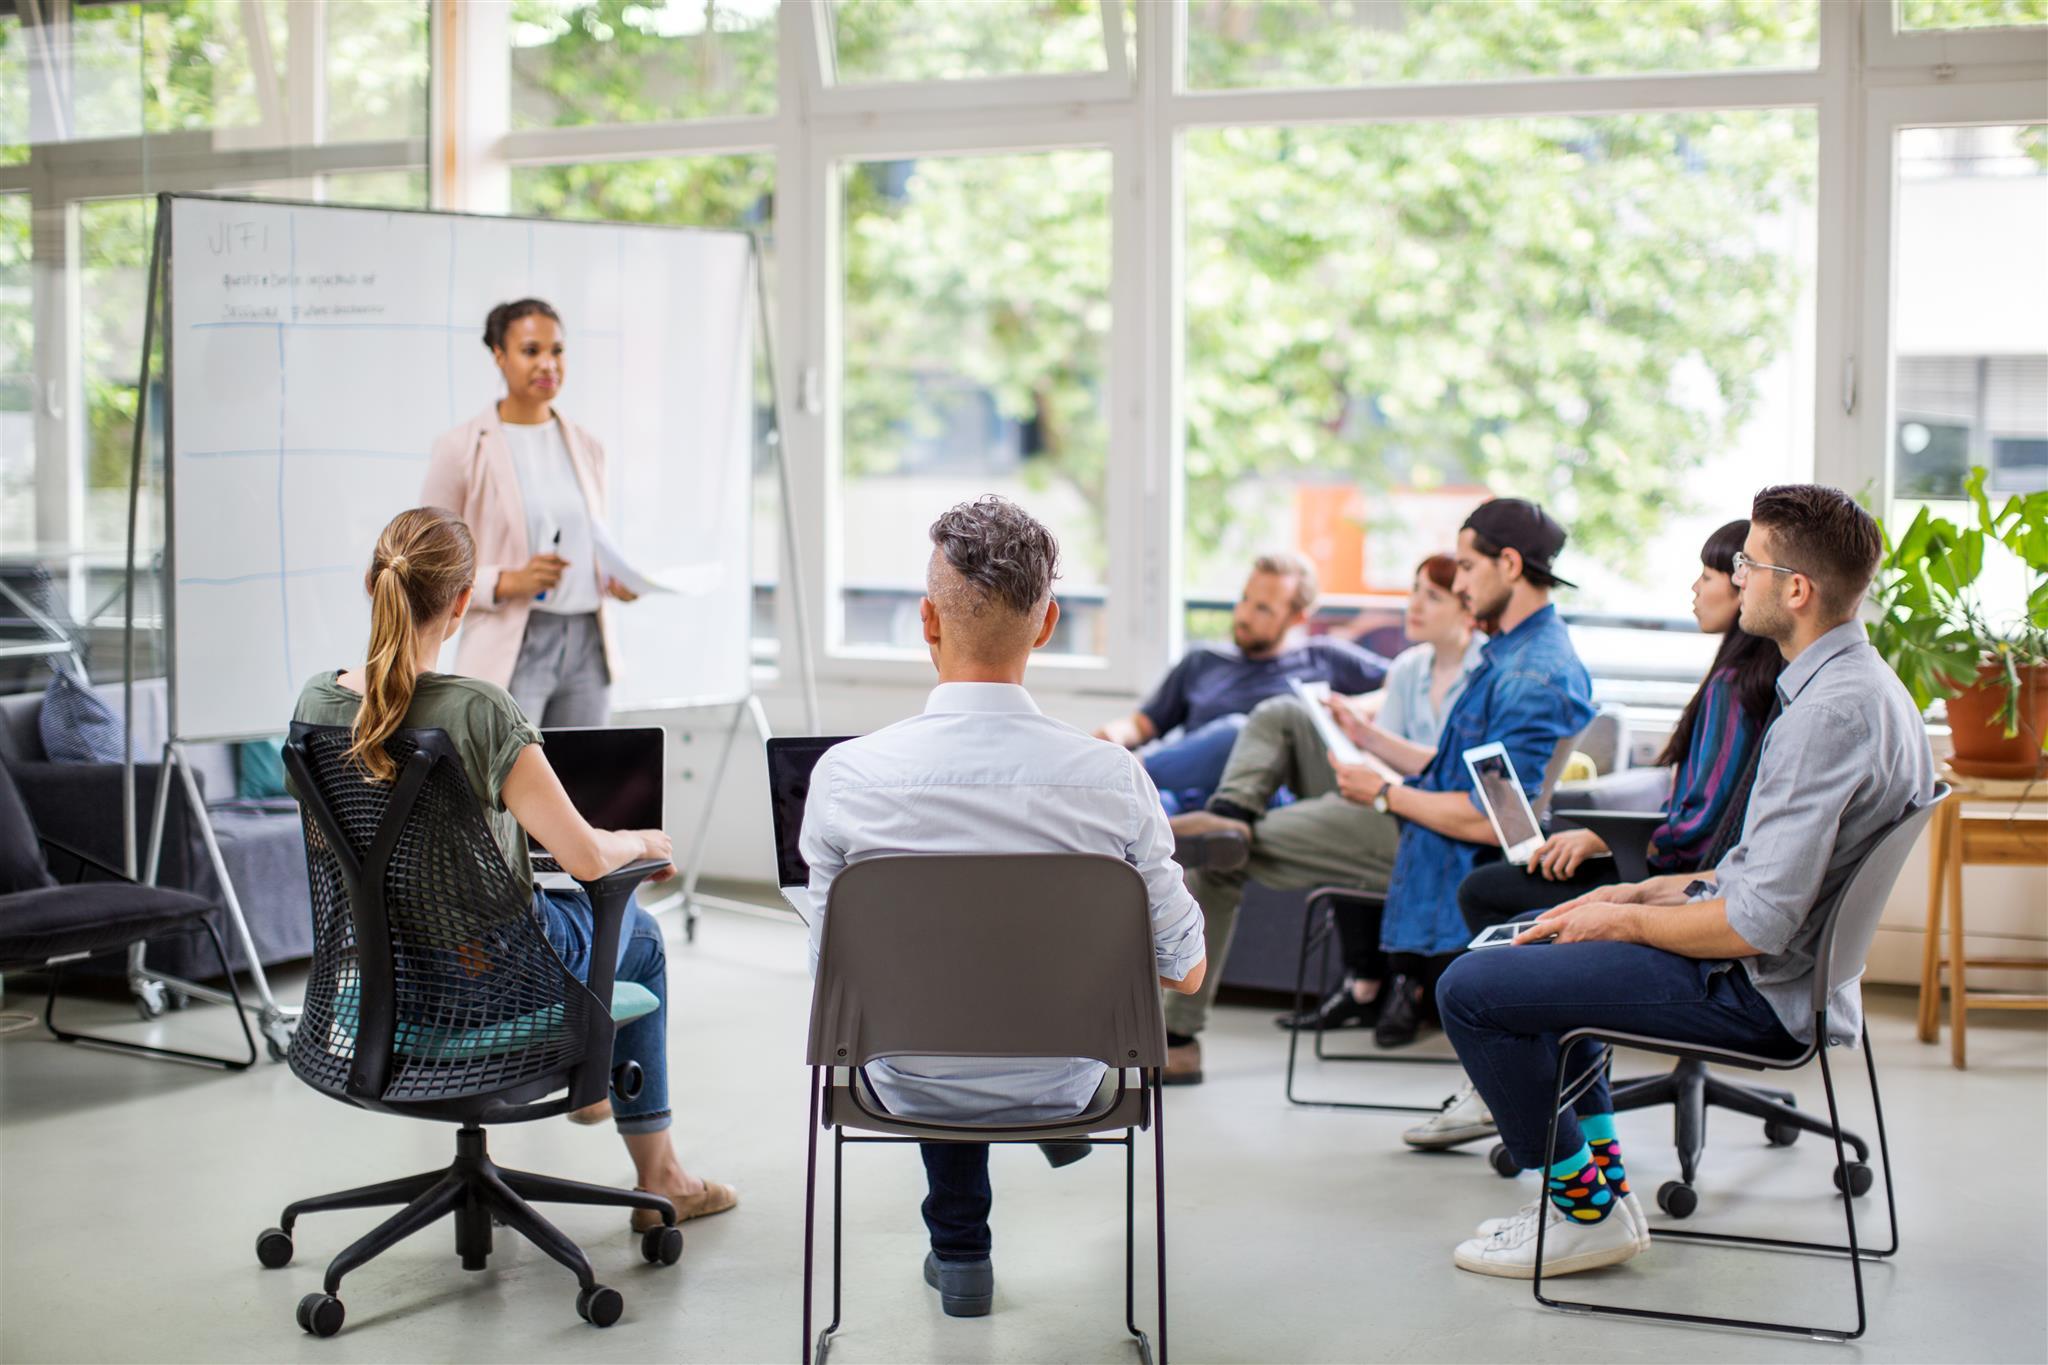 Präsentation eines Themas in einer Gruppe